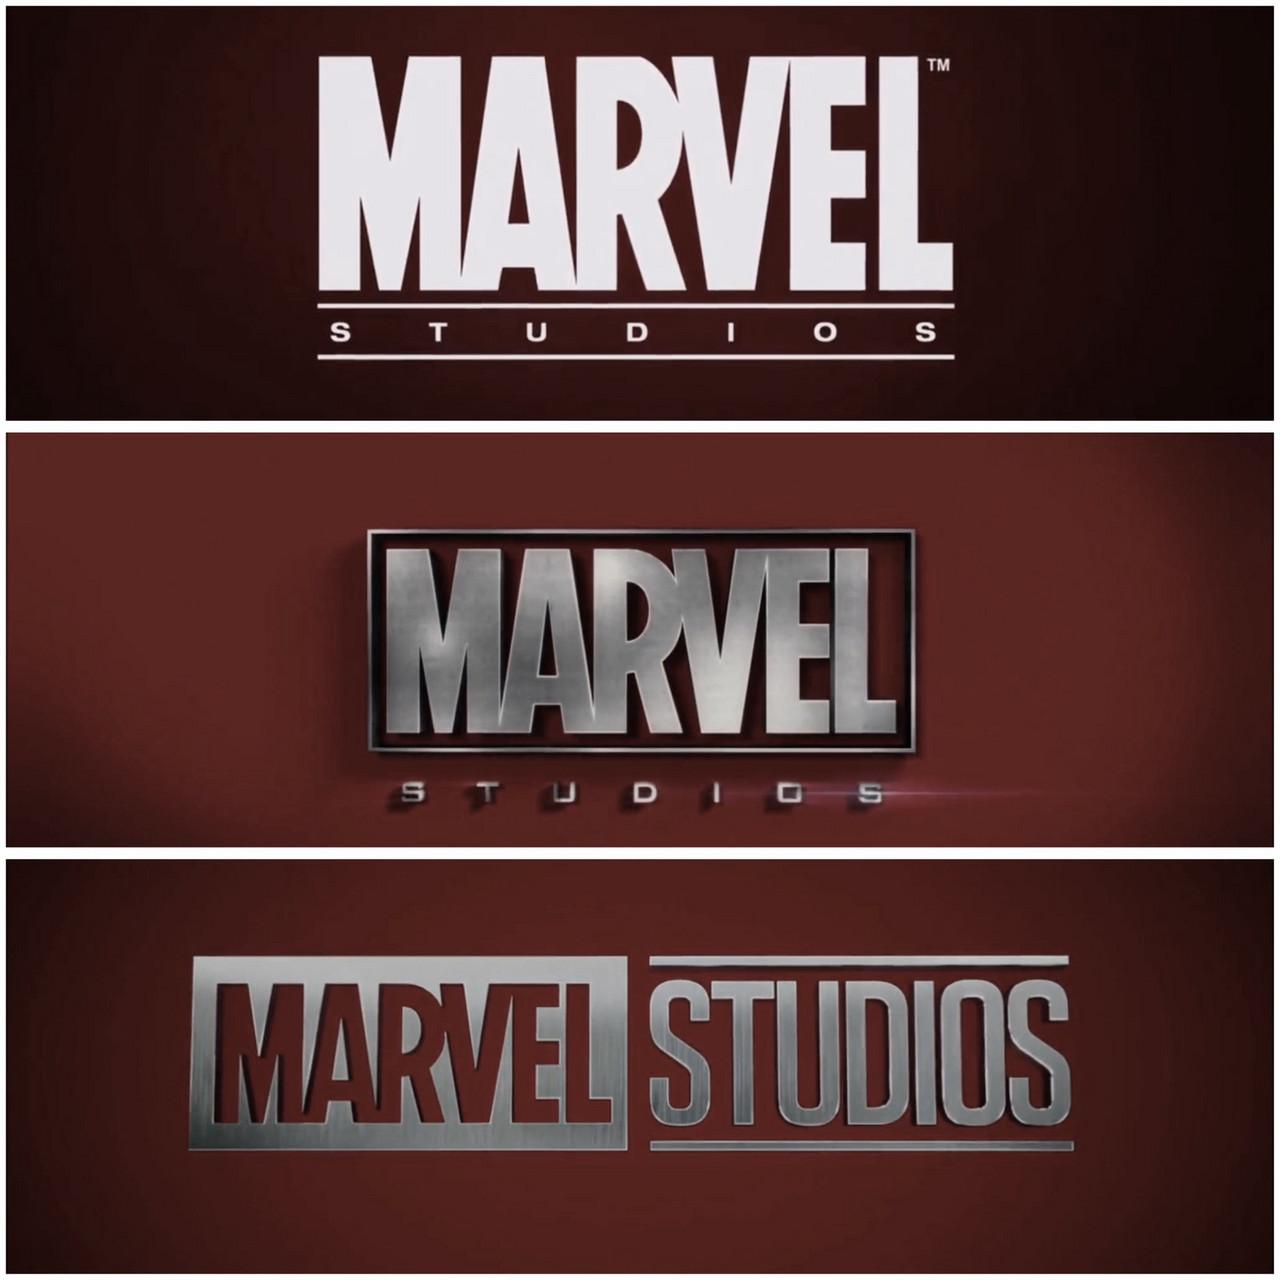 Marvel Studios: Las claves para seguir triunfando